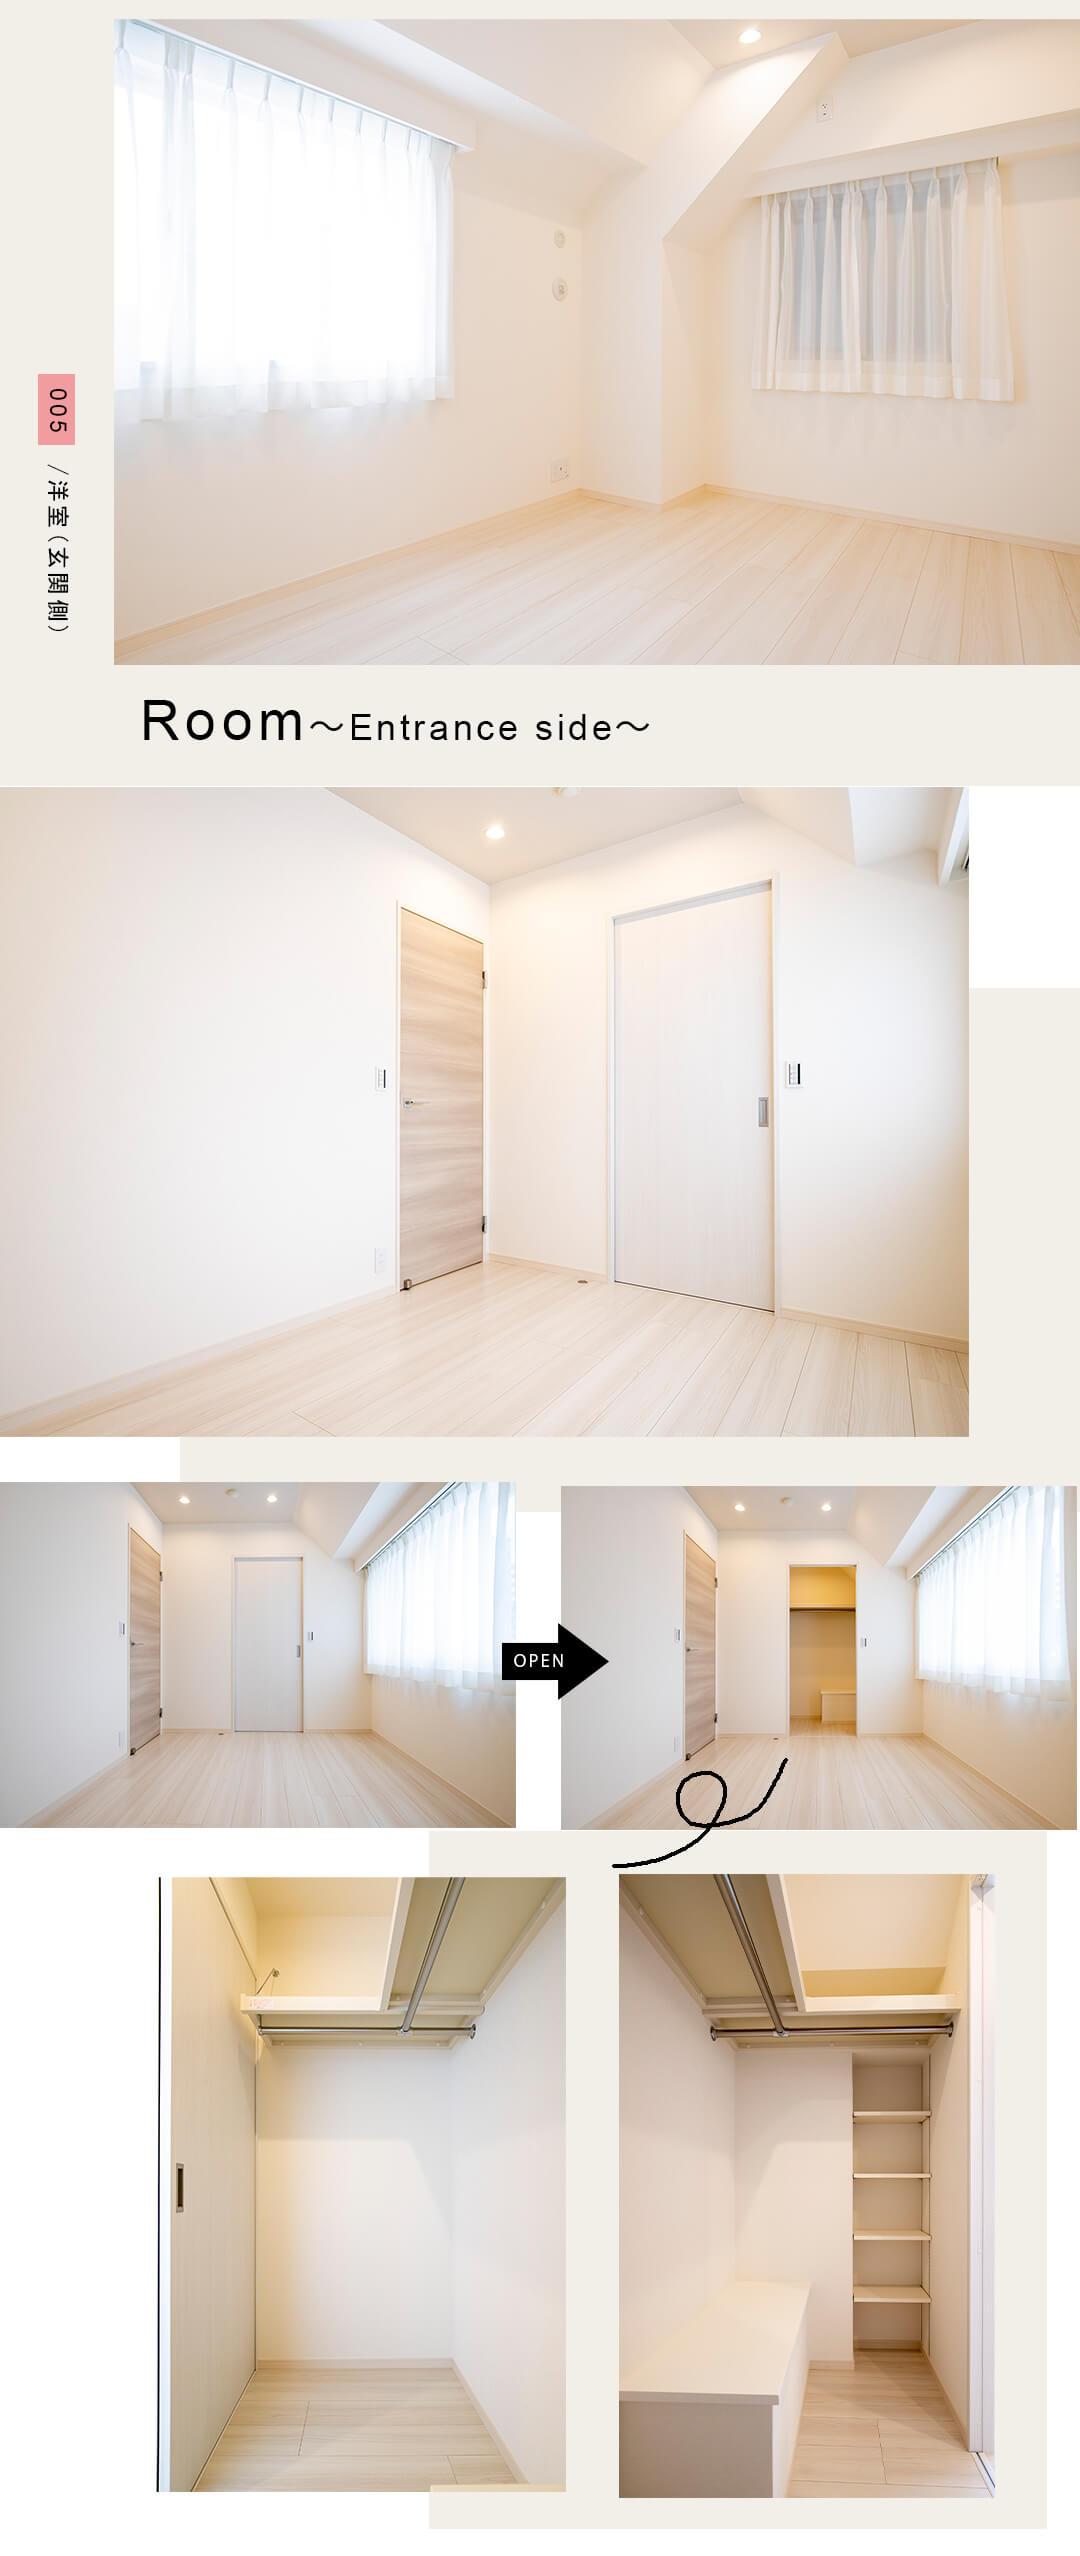 005洋室(玄関側),Room Entrance side